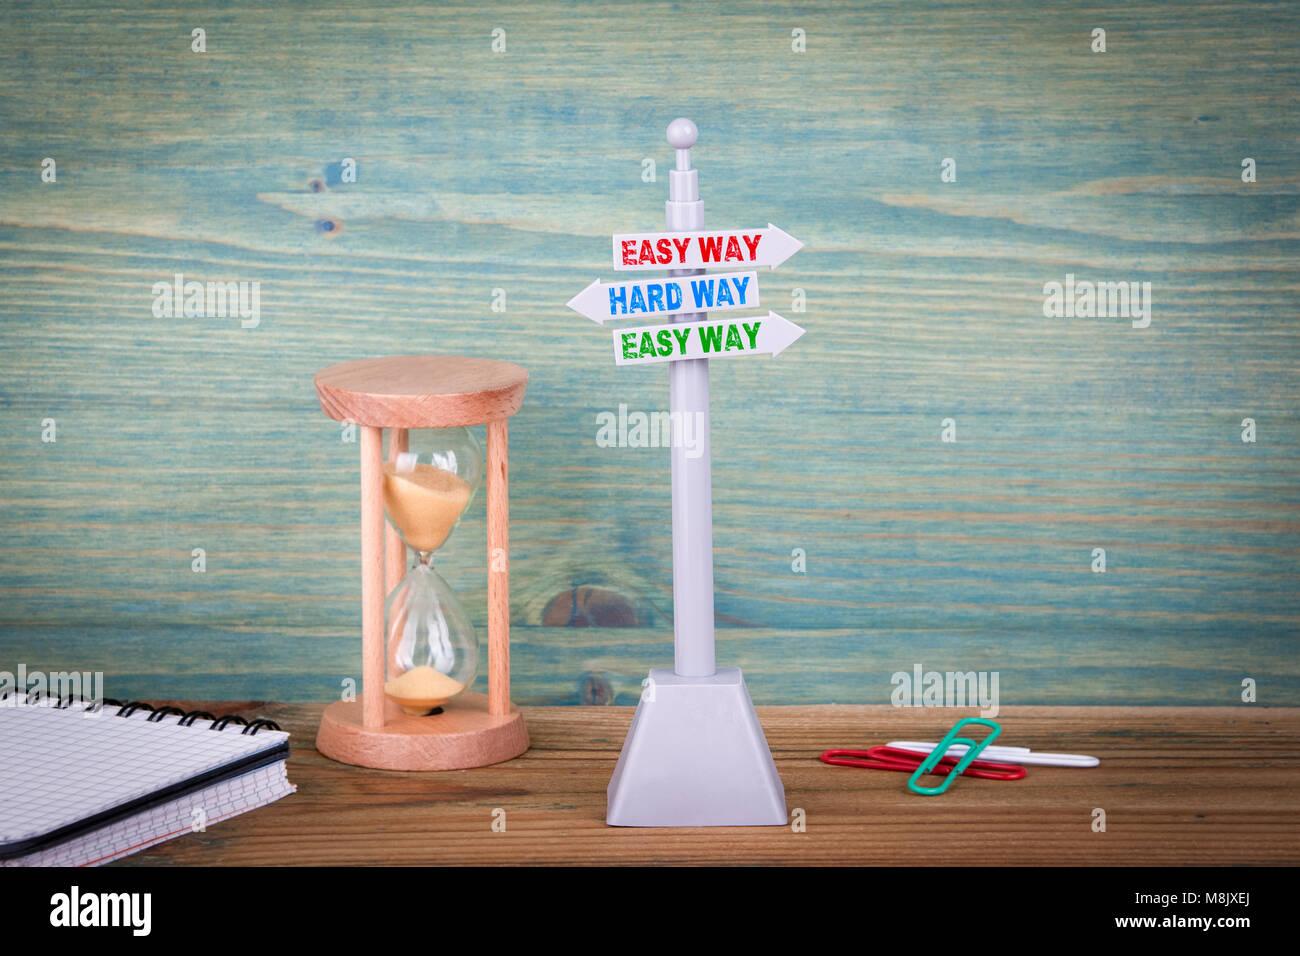 Moyen facile et dure. Enseigne sur table en bois Photo Stock